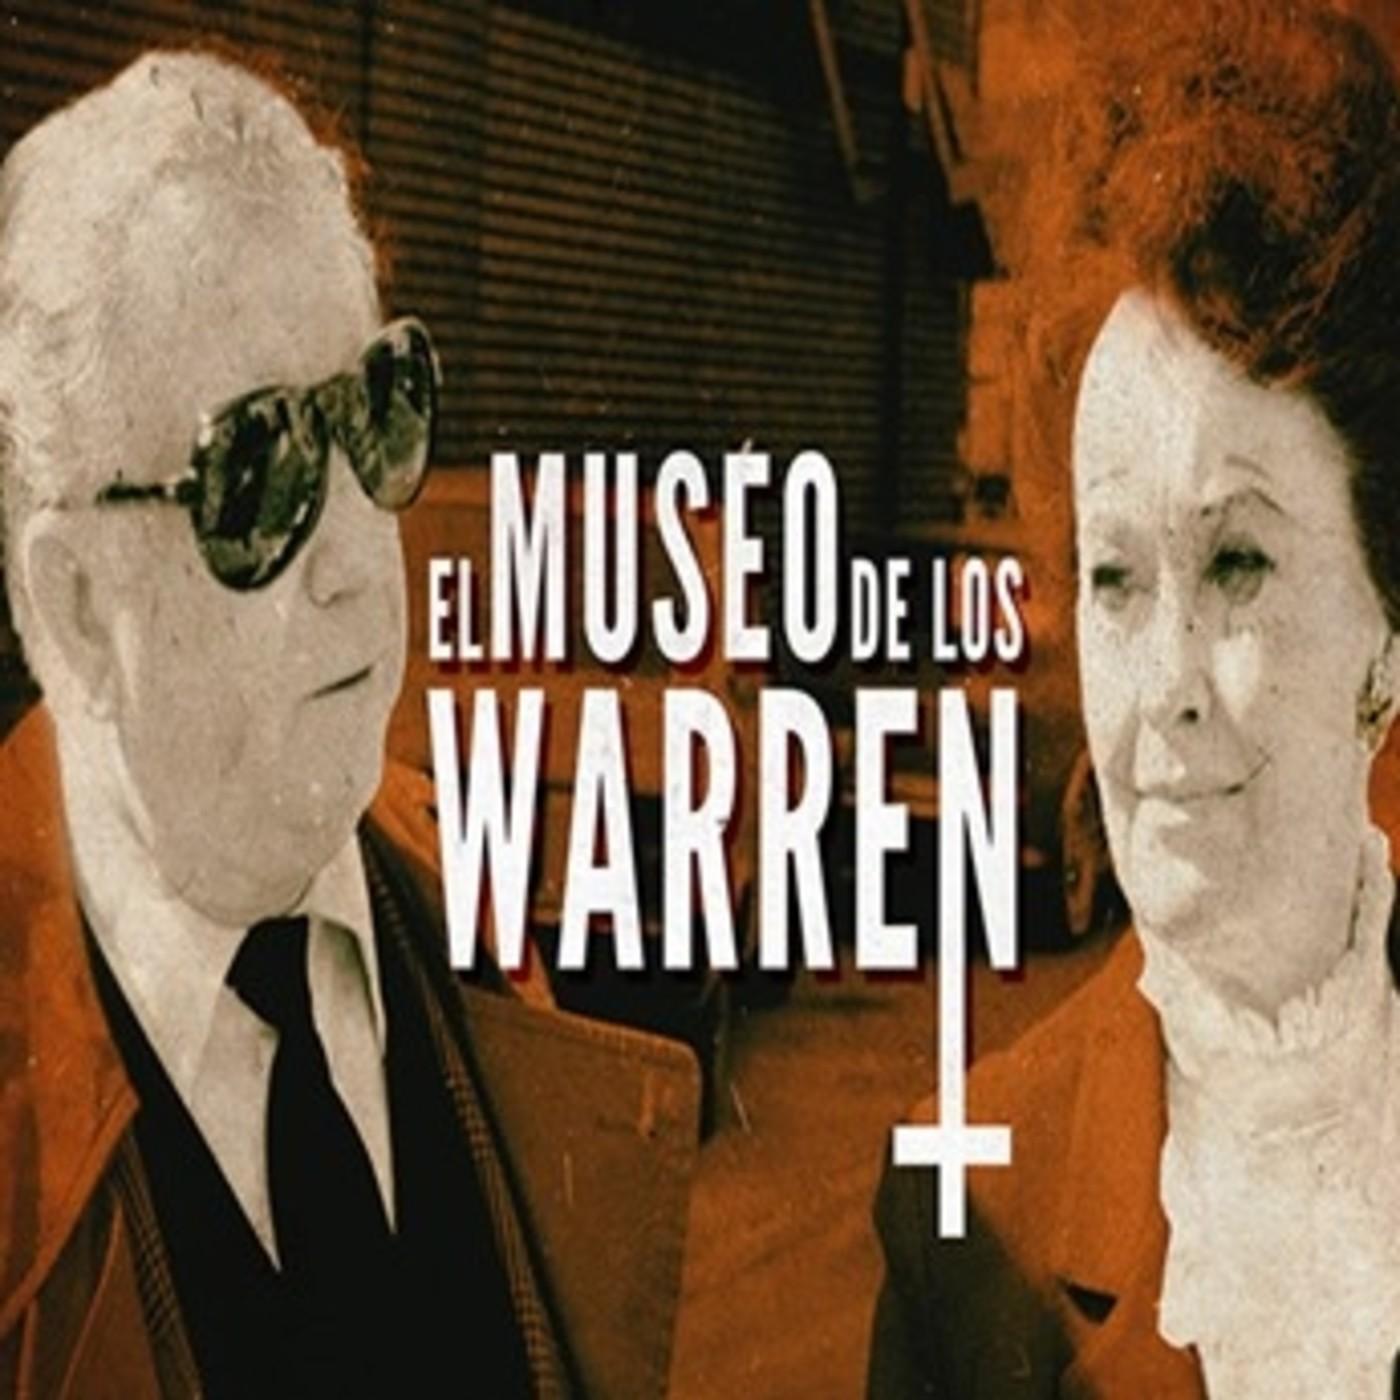 Cuarto milenio (26/05/2019) 14x37: El museo de los Warren en ...